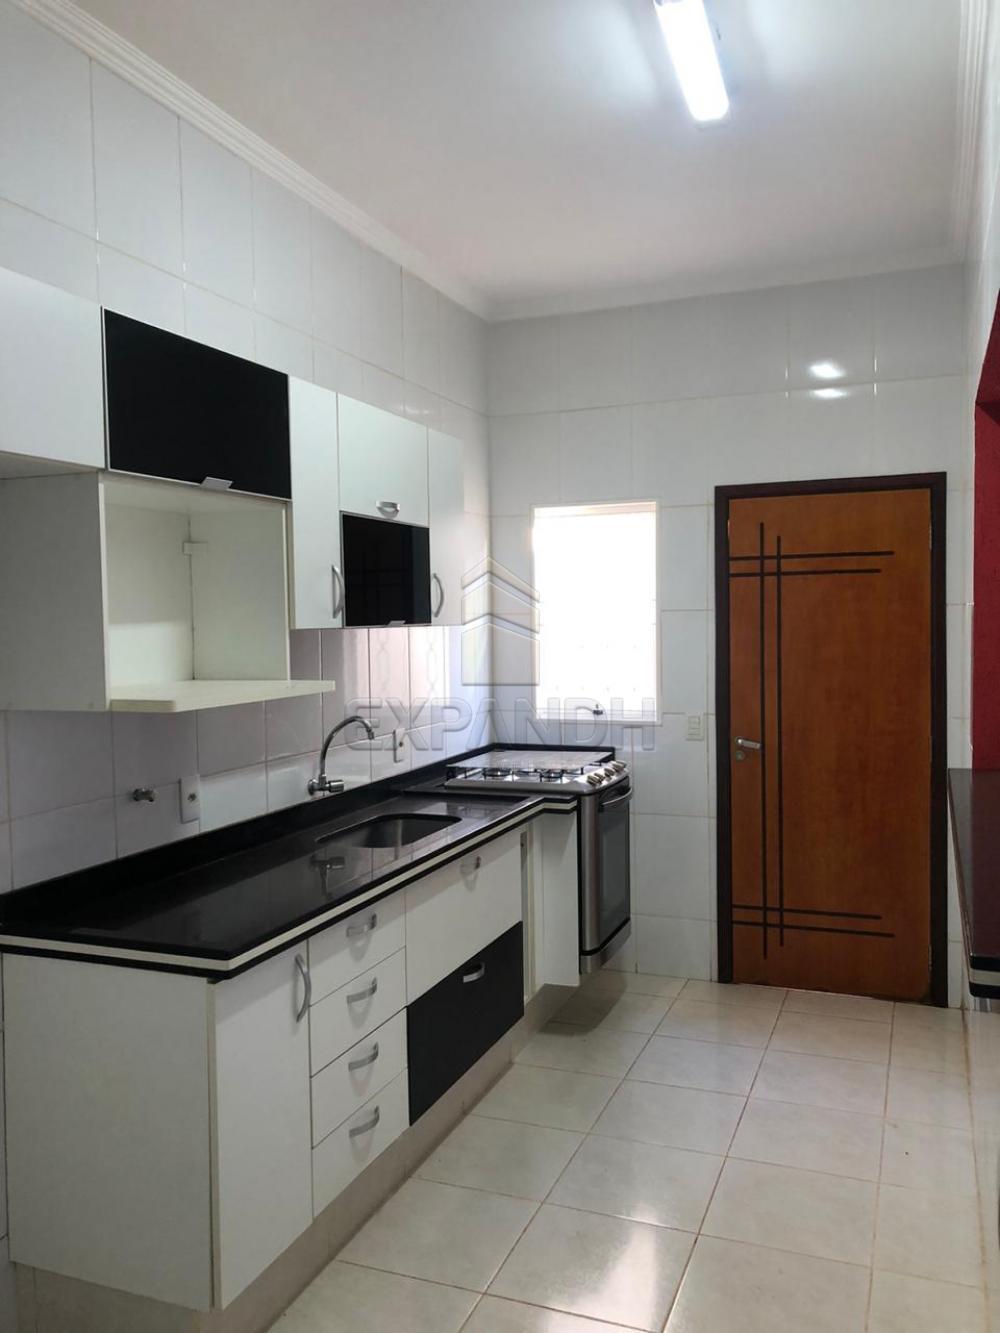 Alugar Casas / Padrão em Sertãozinho R$ 1.250,00 - Foto 12